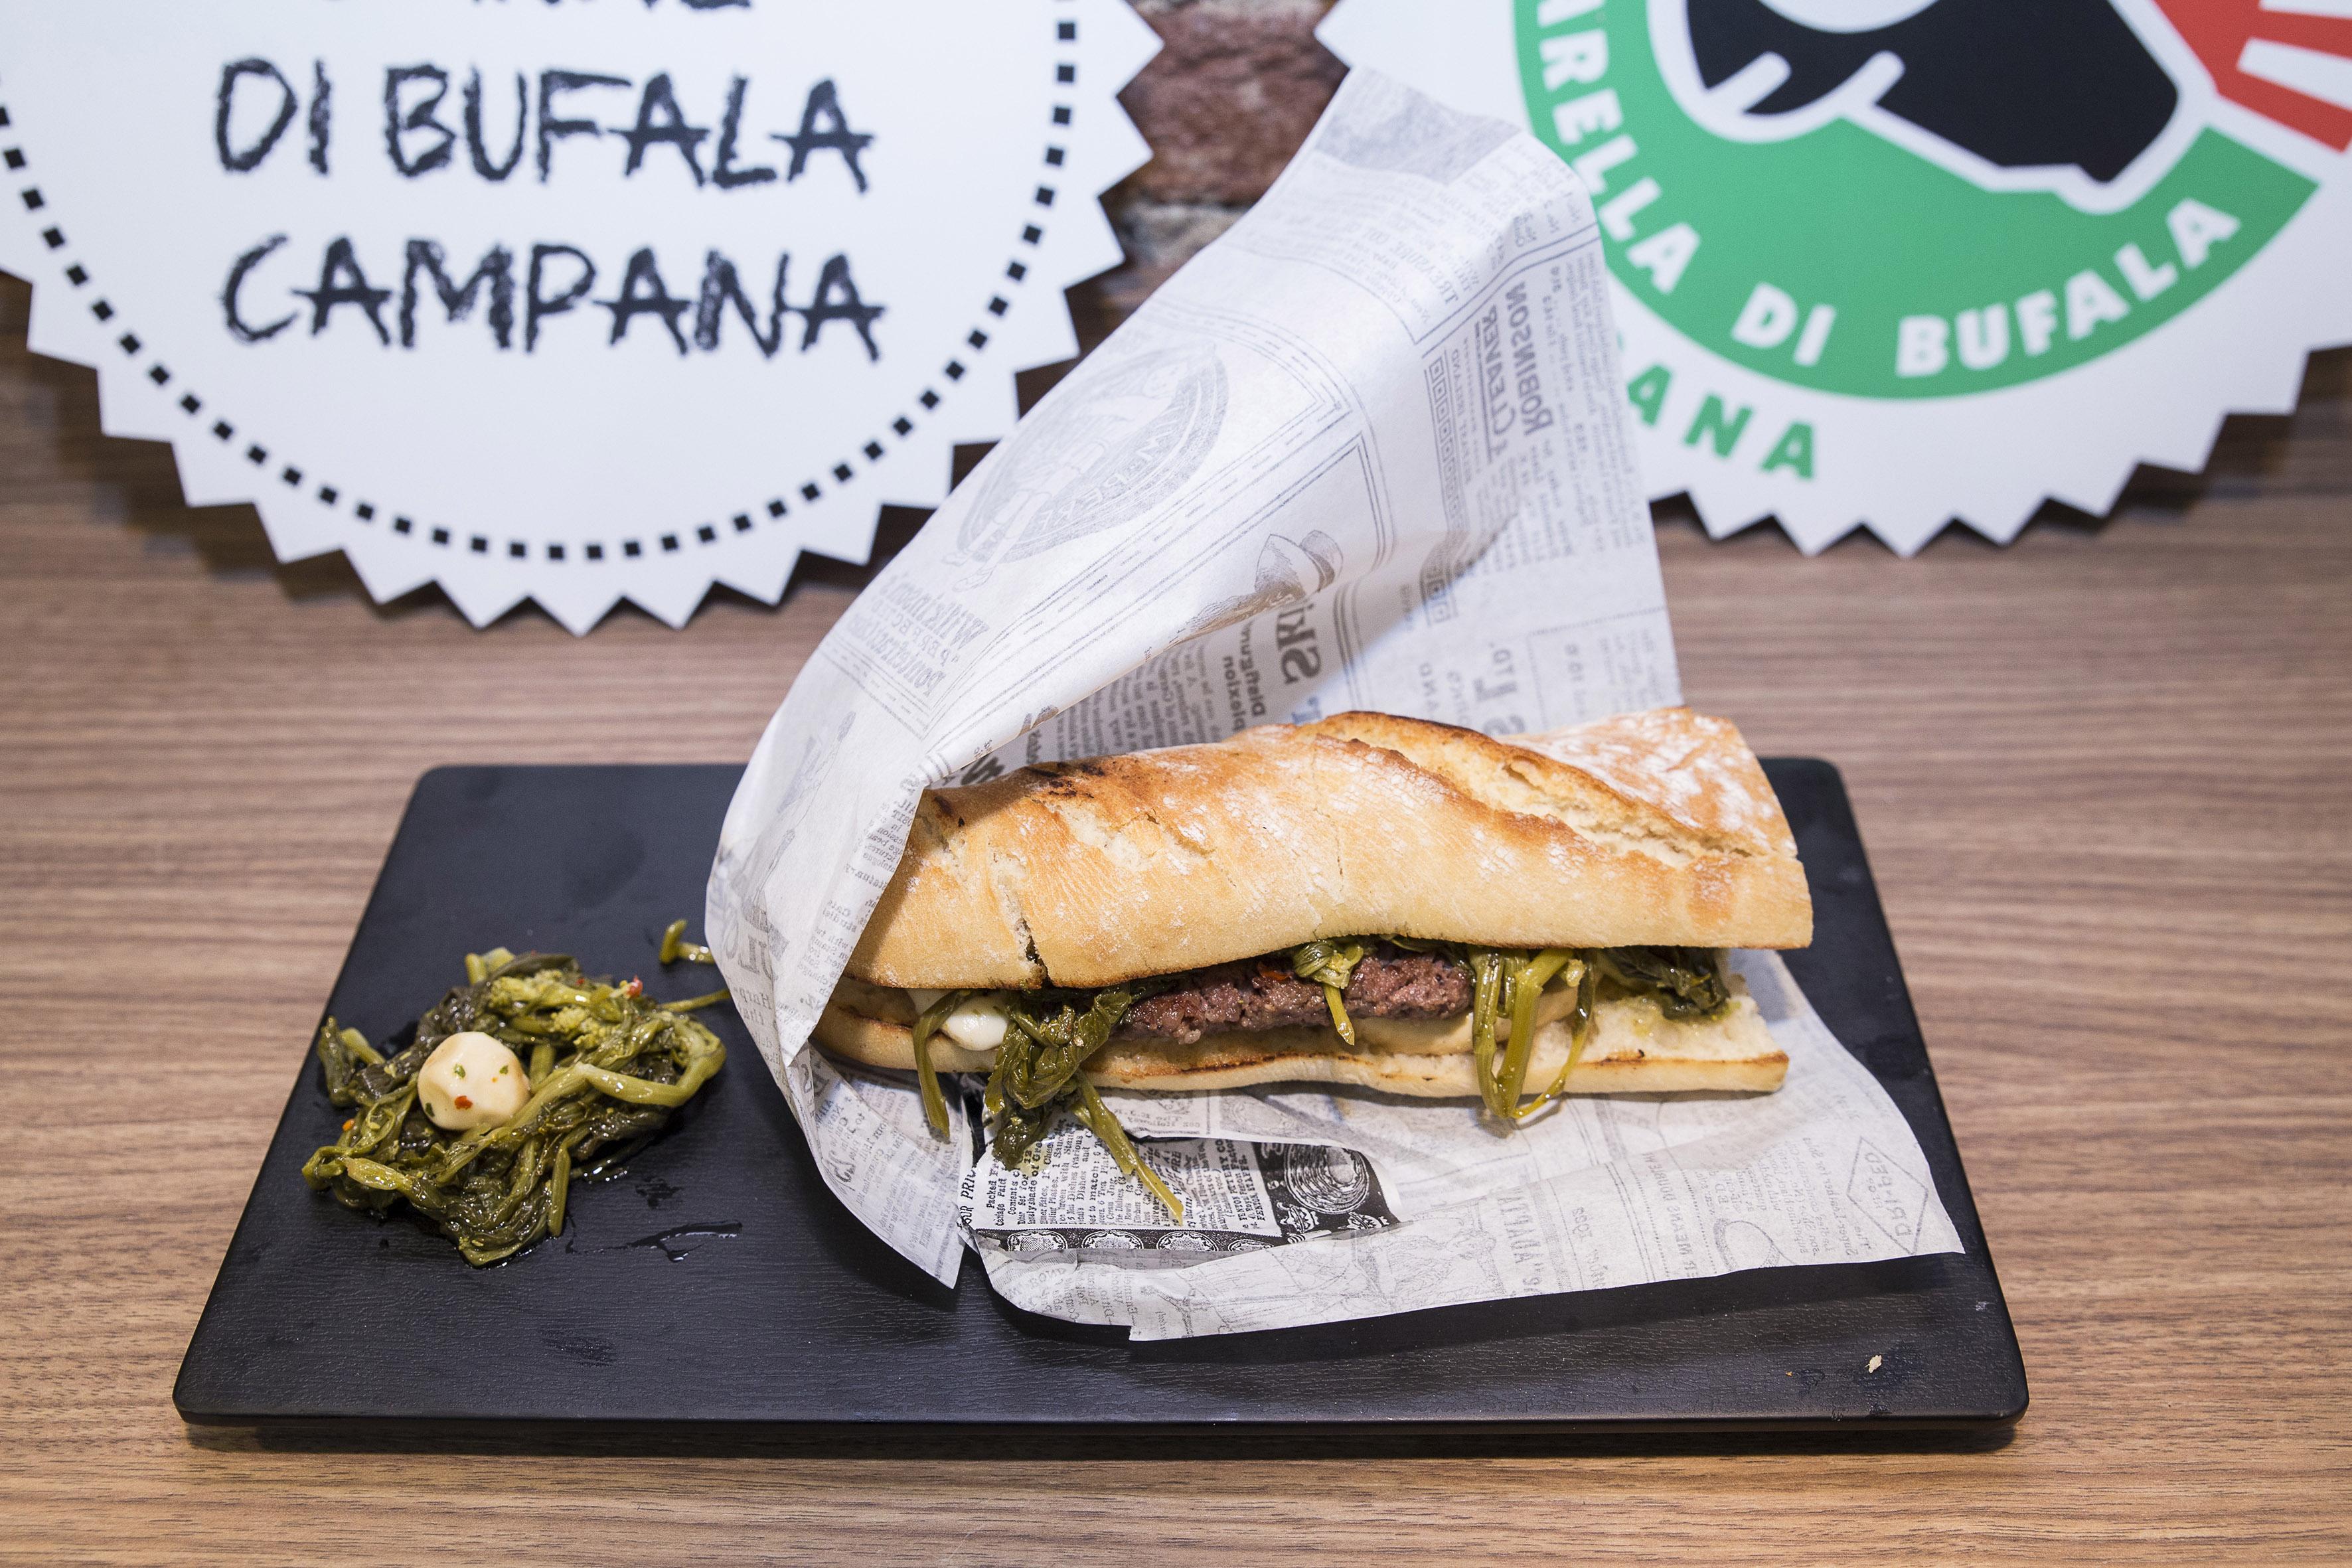 Il panino con carne di bufalo e friarielli.